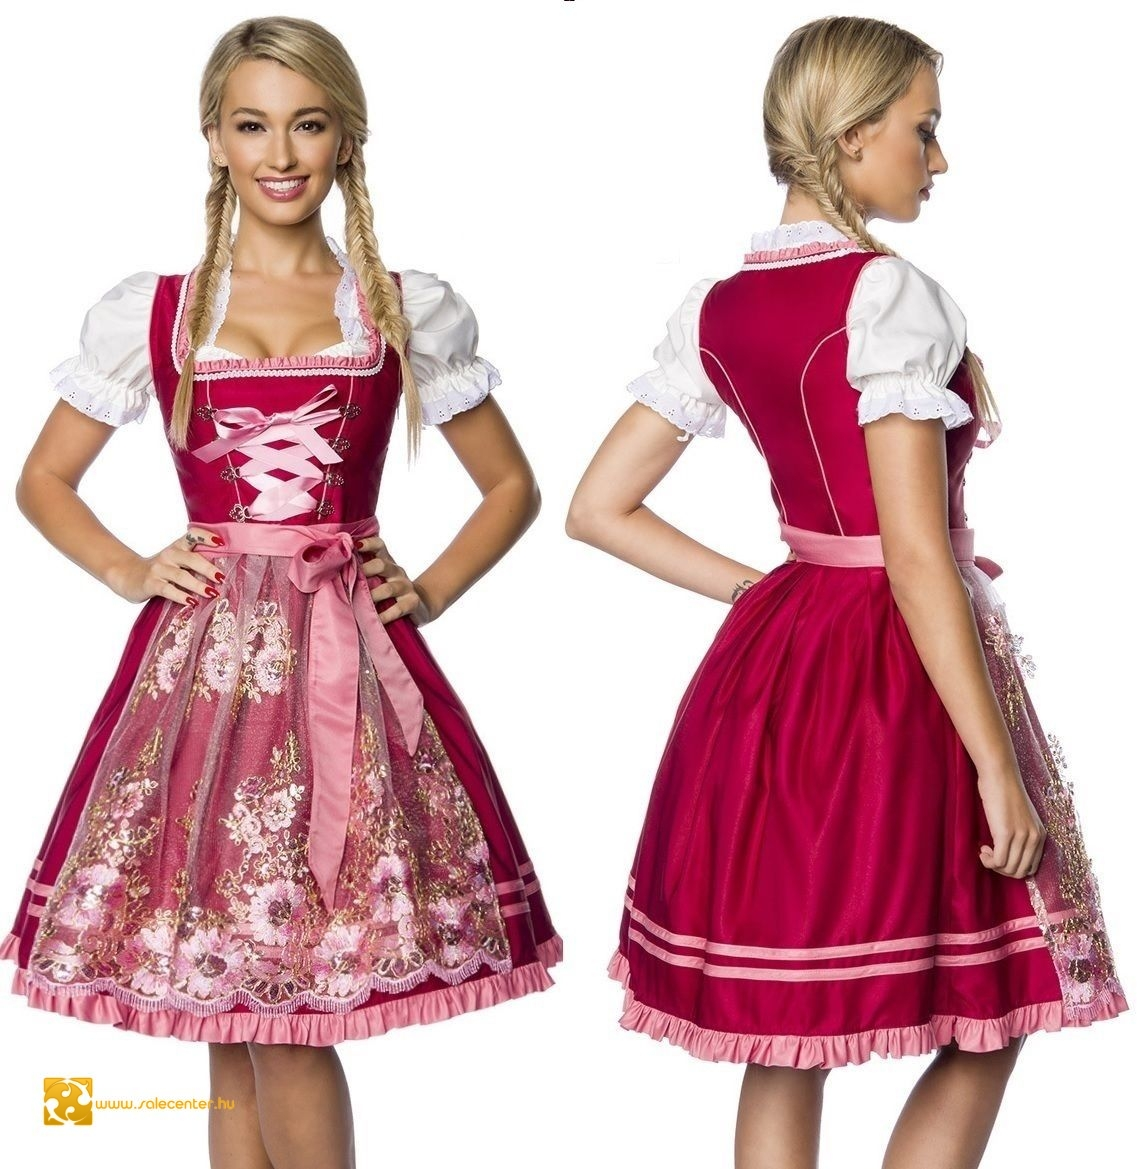 62b4780448 Virág mintás bajor ruha (XS,S,M,L,XL,2XL,3XL) ruha dirndl ...